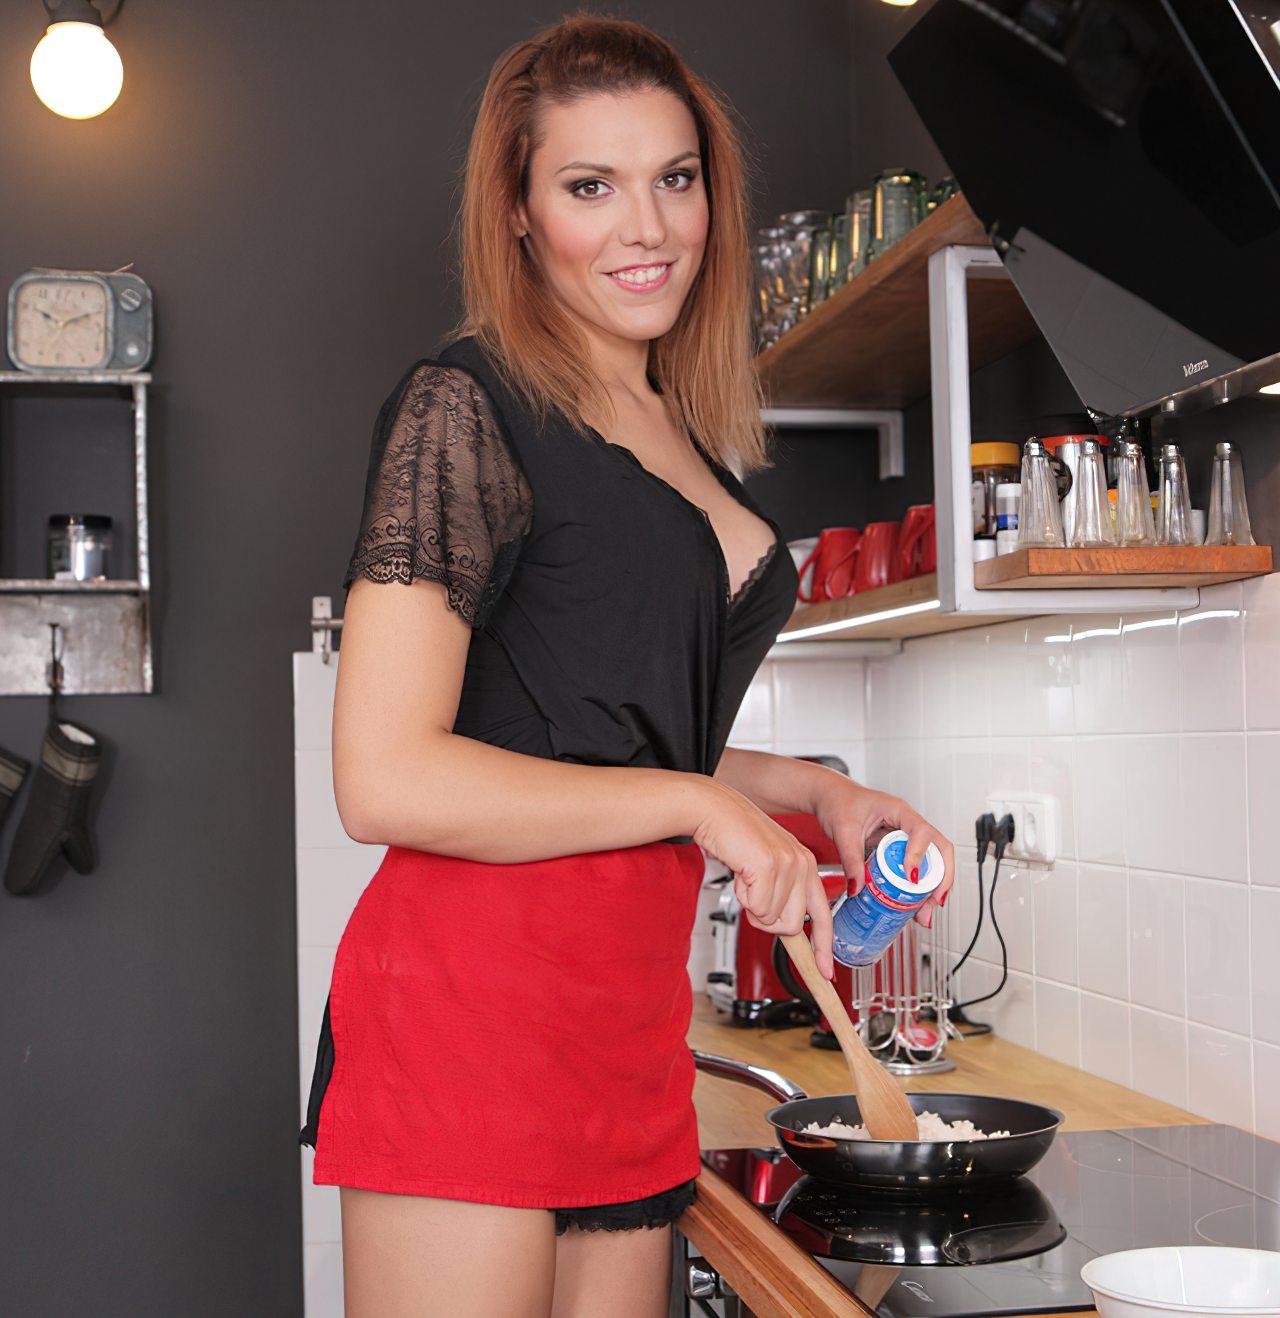 Travesti Safada Bem Gostosa Cozinha (1)